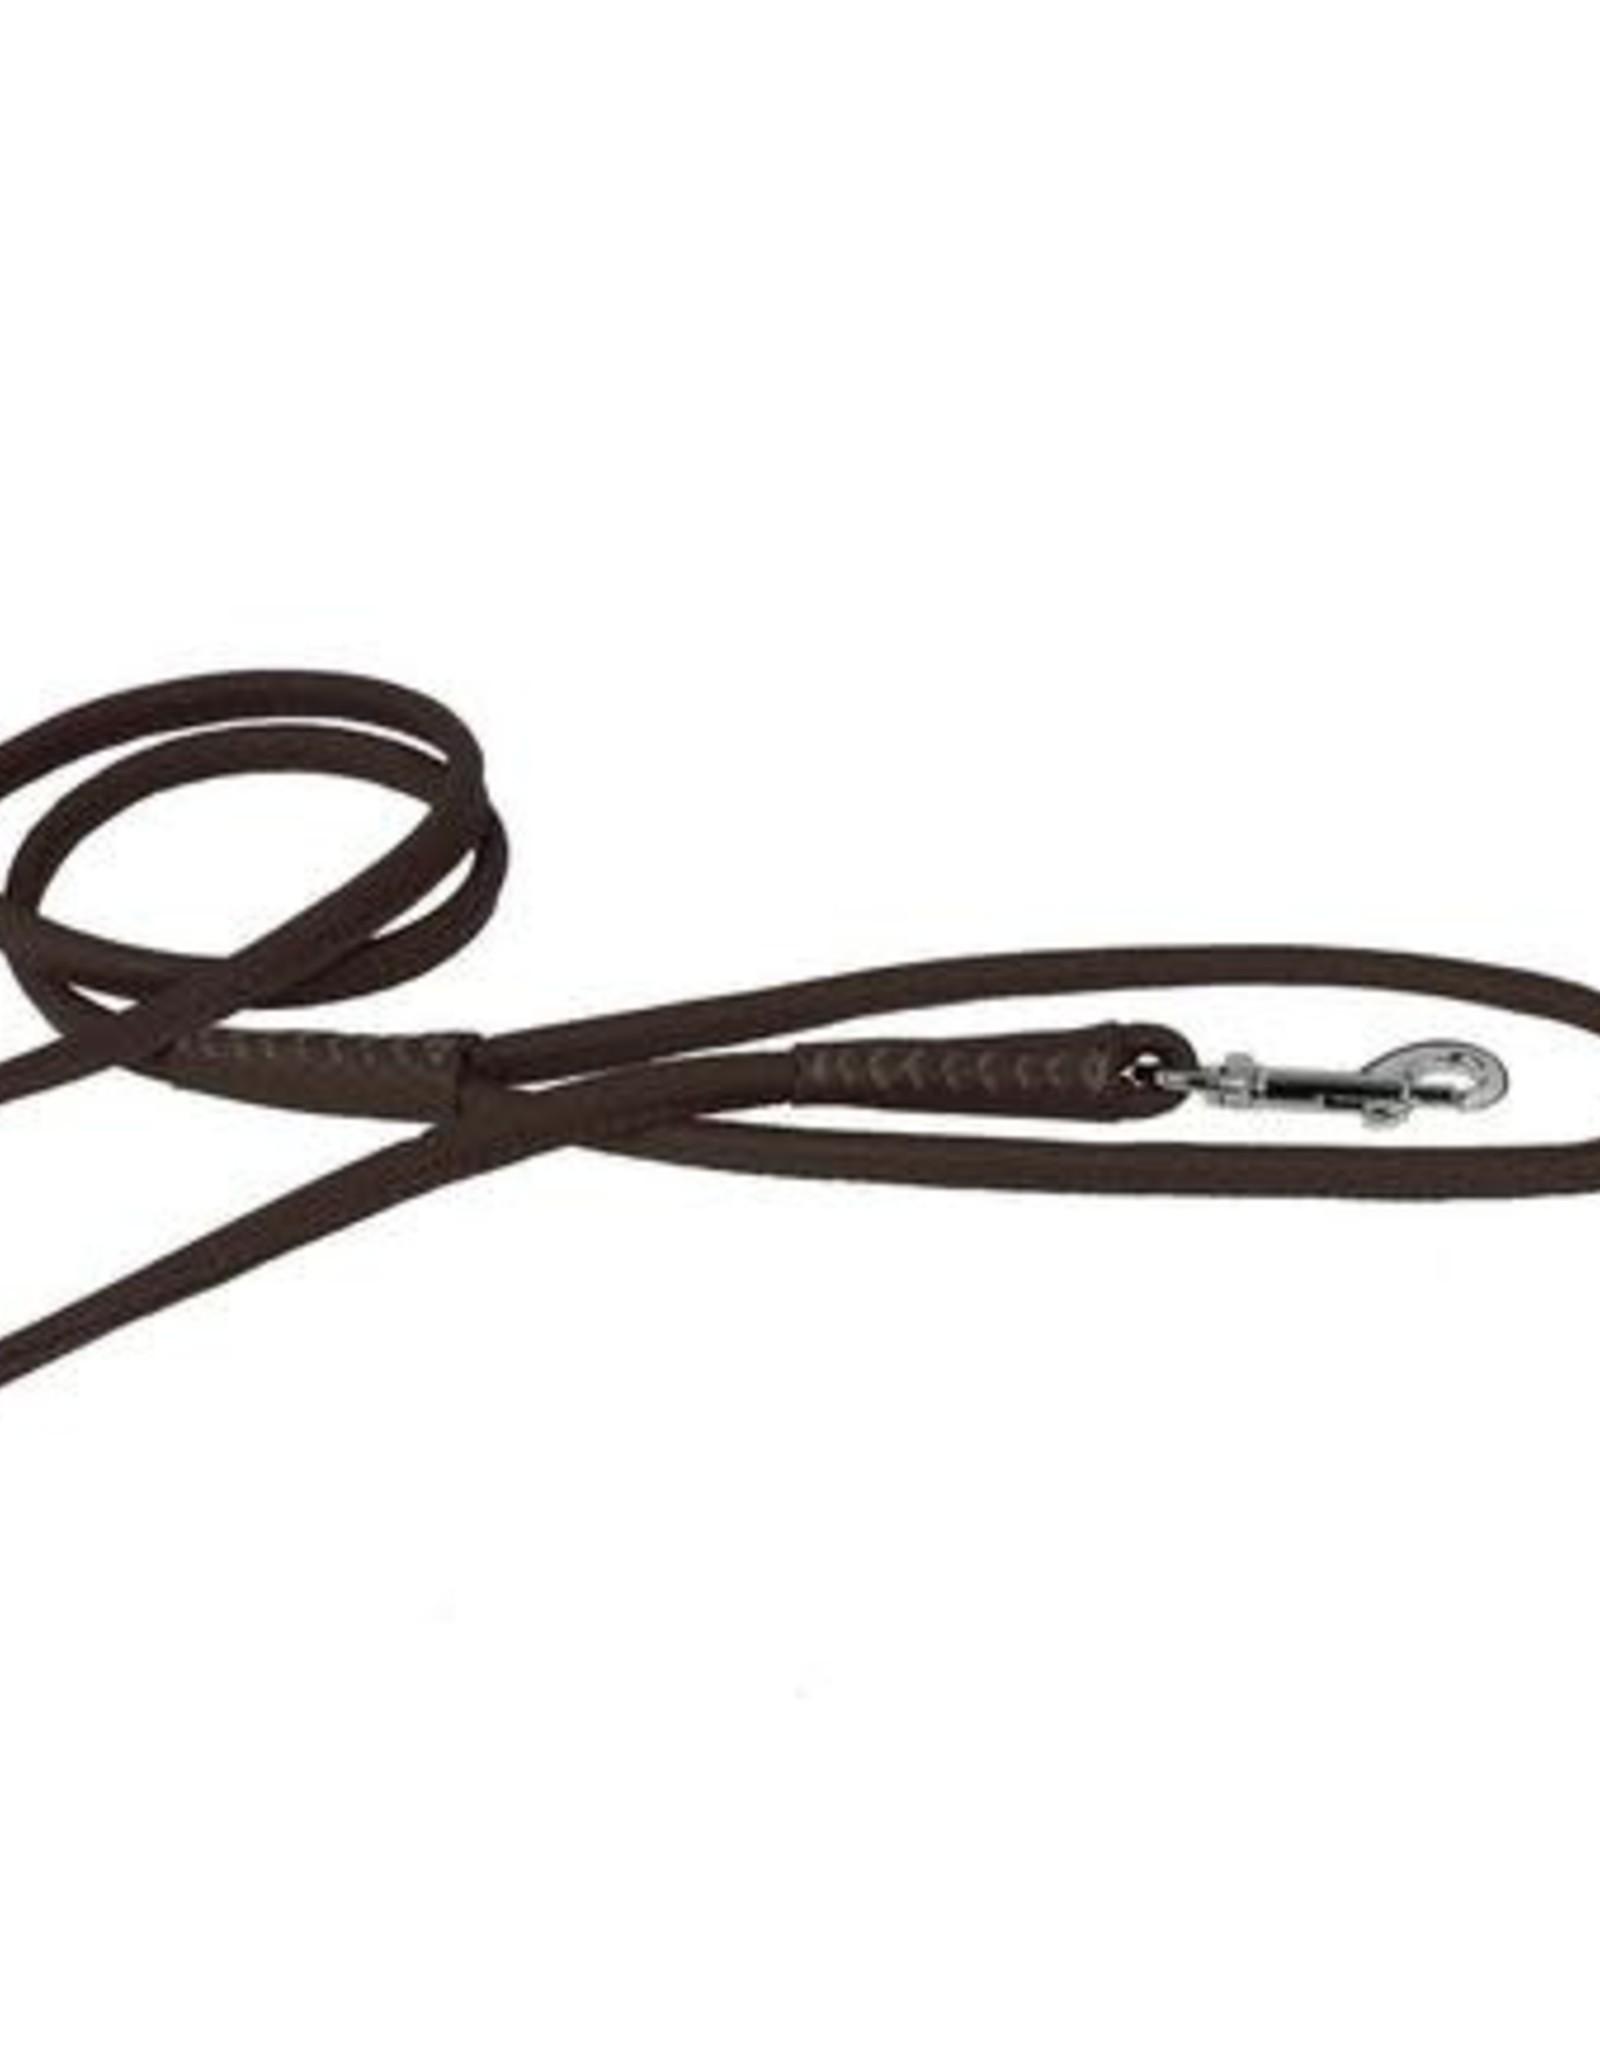 """Dogline Dogline 1/2"""" Dark Brown Leather Lead"""